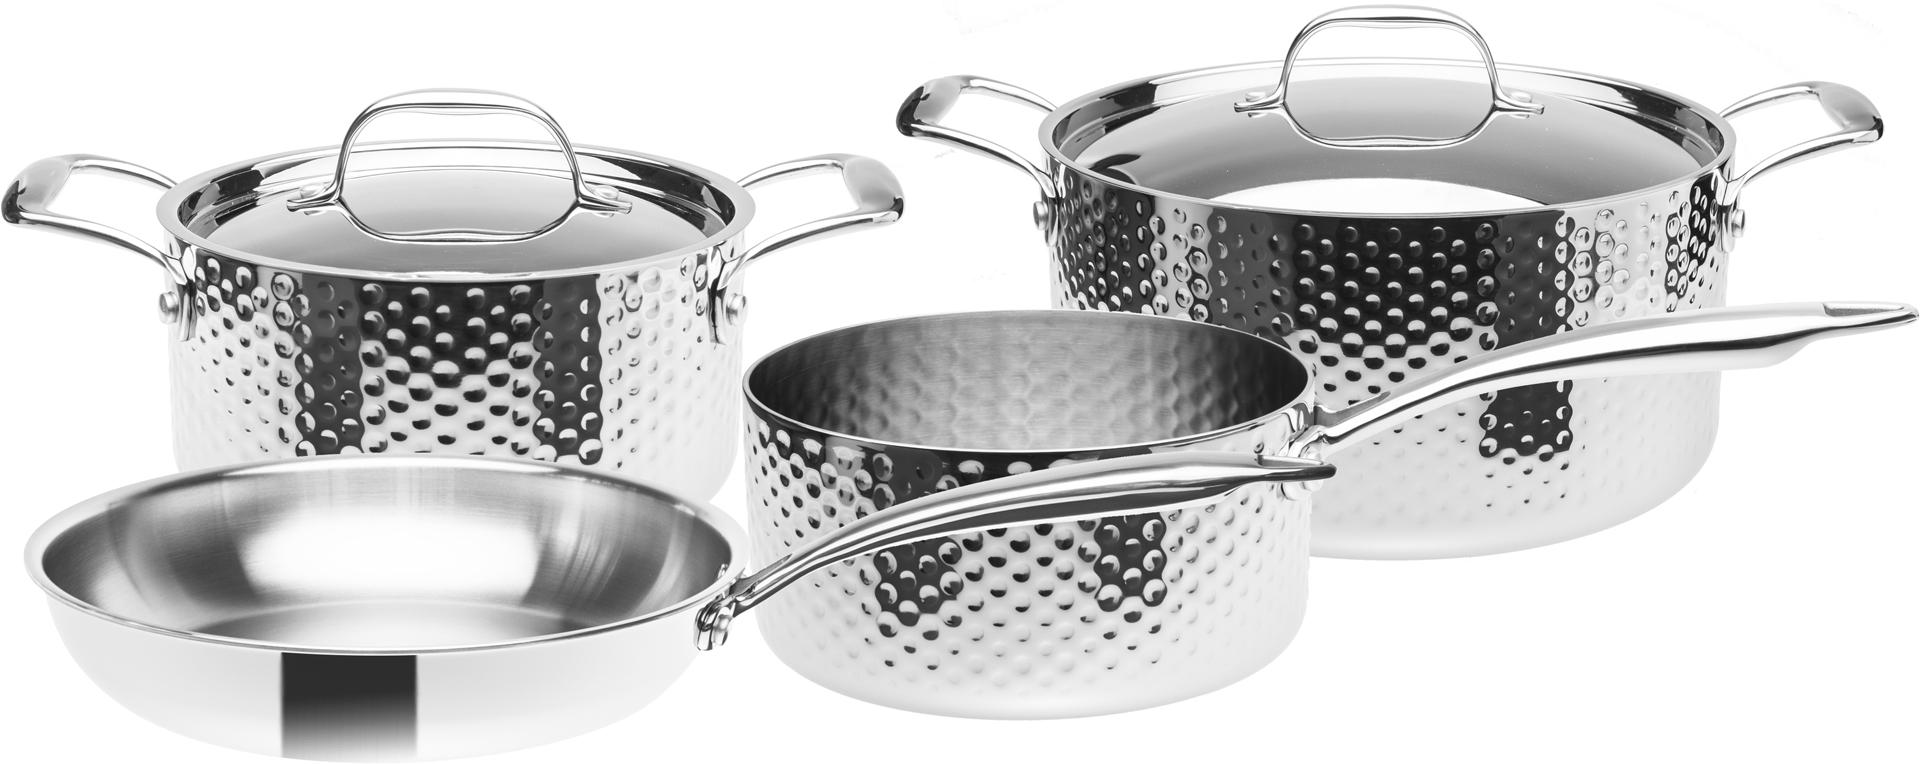 Sada nerezového nádobí, 3vrstvé, indukční, 6 dílná, STEIN